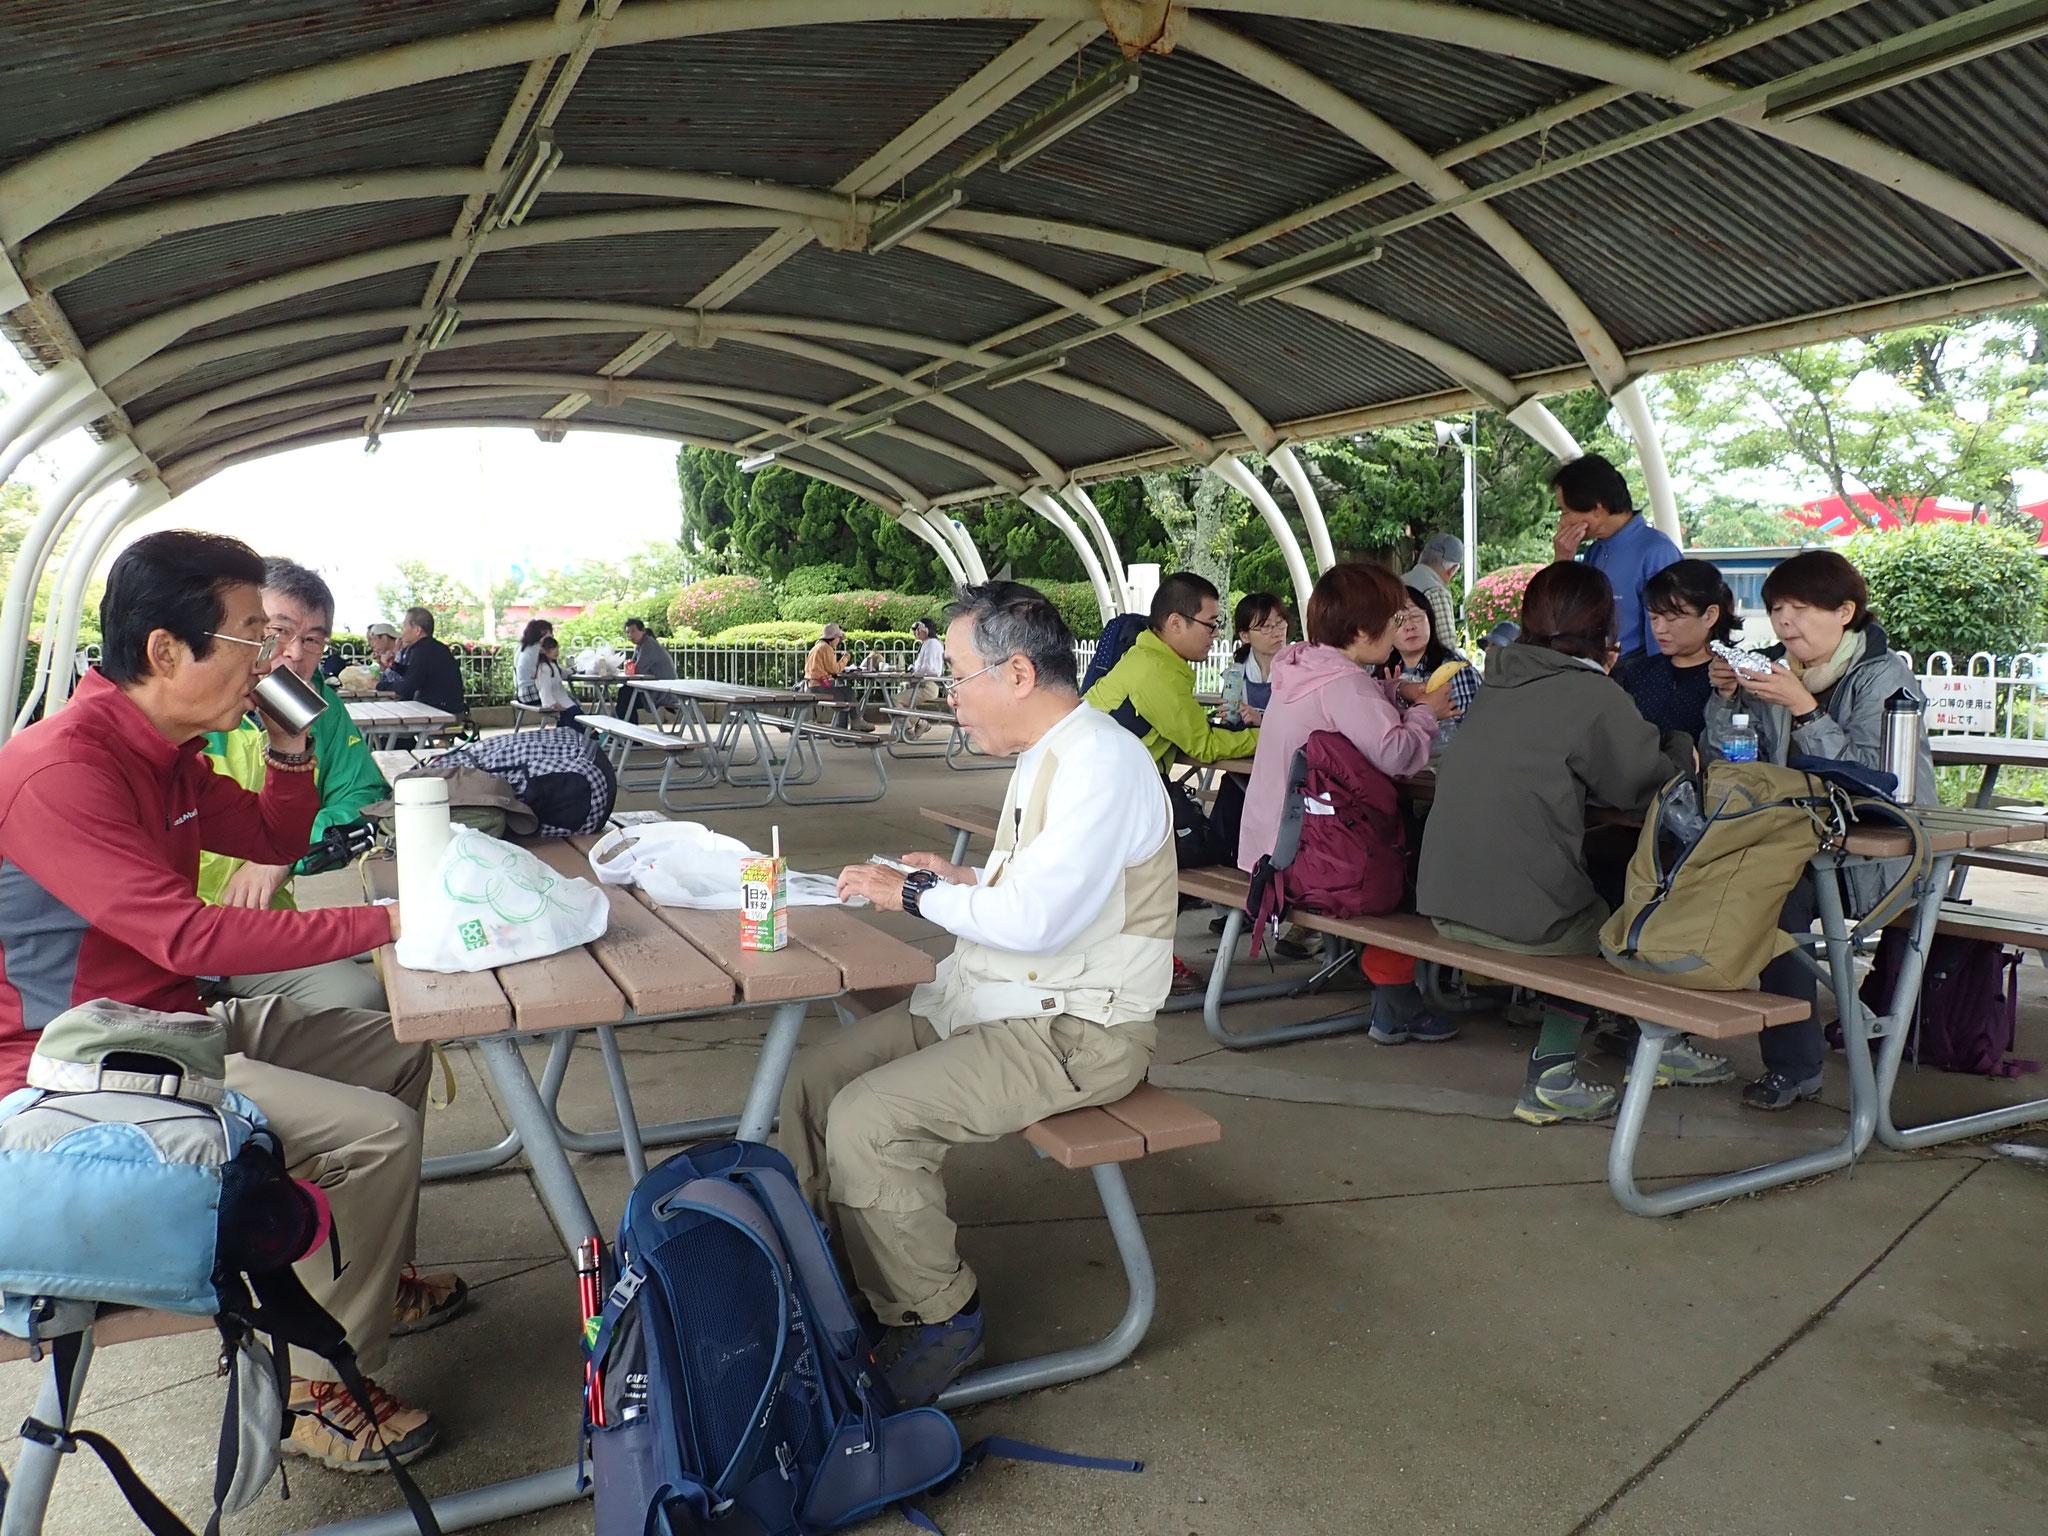 生駒山頂遊園地にて昼食タイム、談笑が進みます